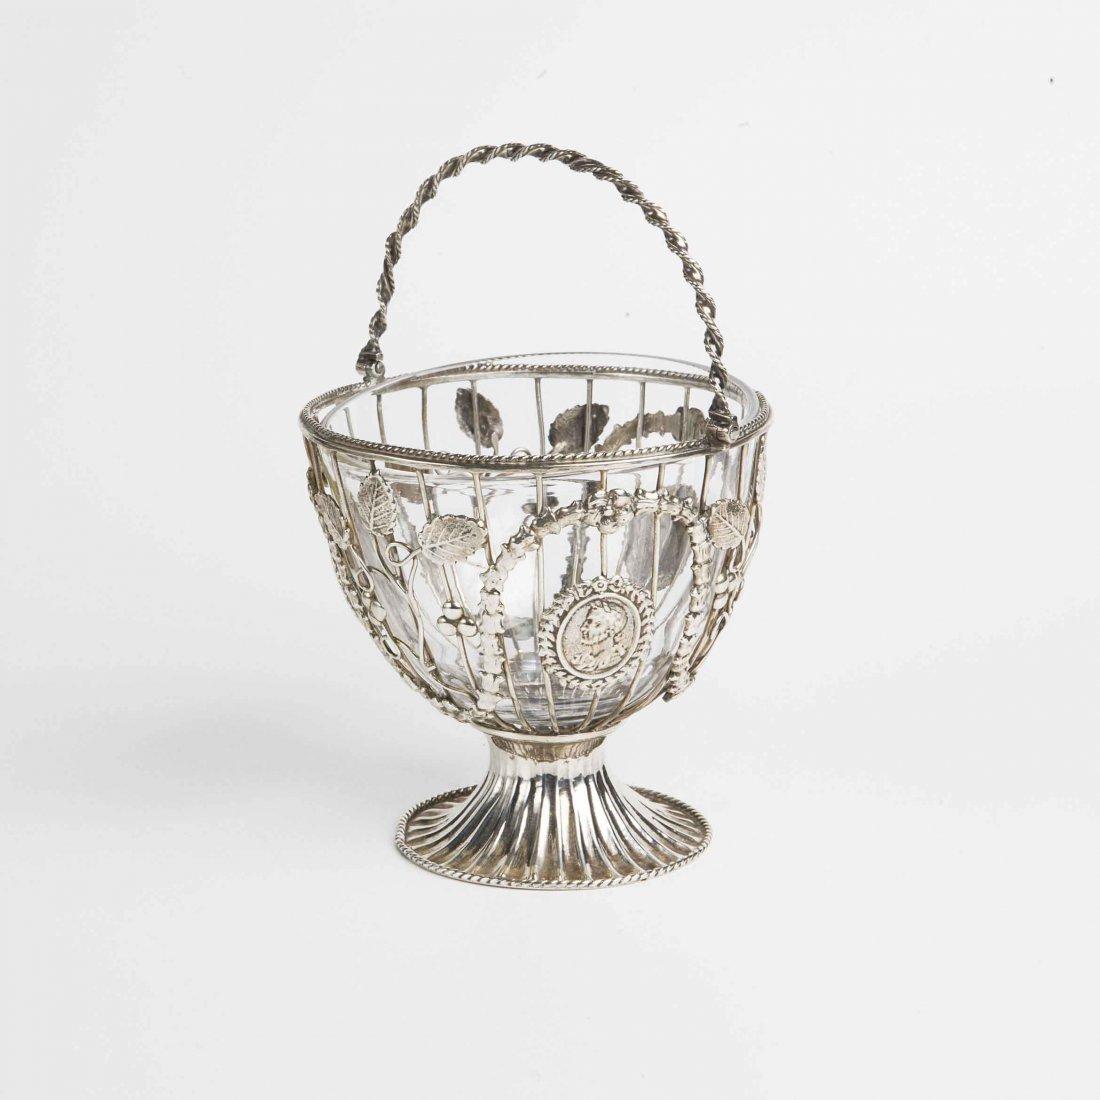 Cestino in argento, Londra 1859, proveniente dalla